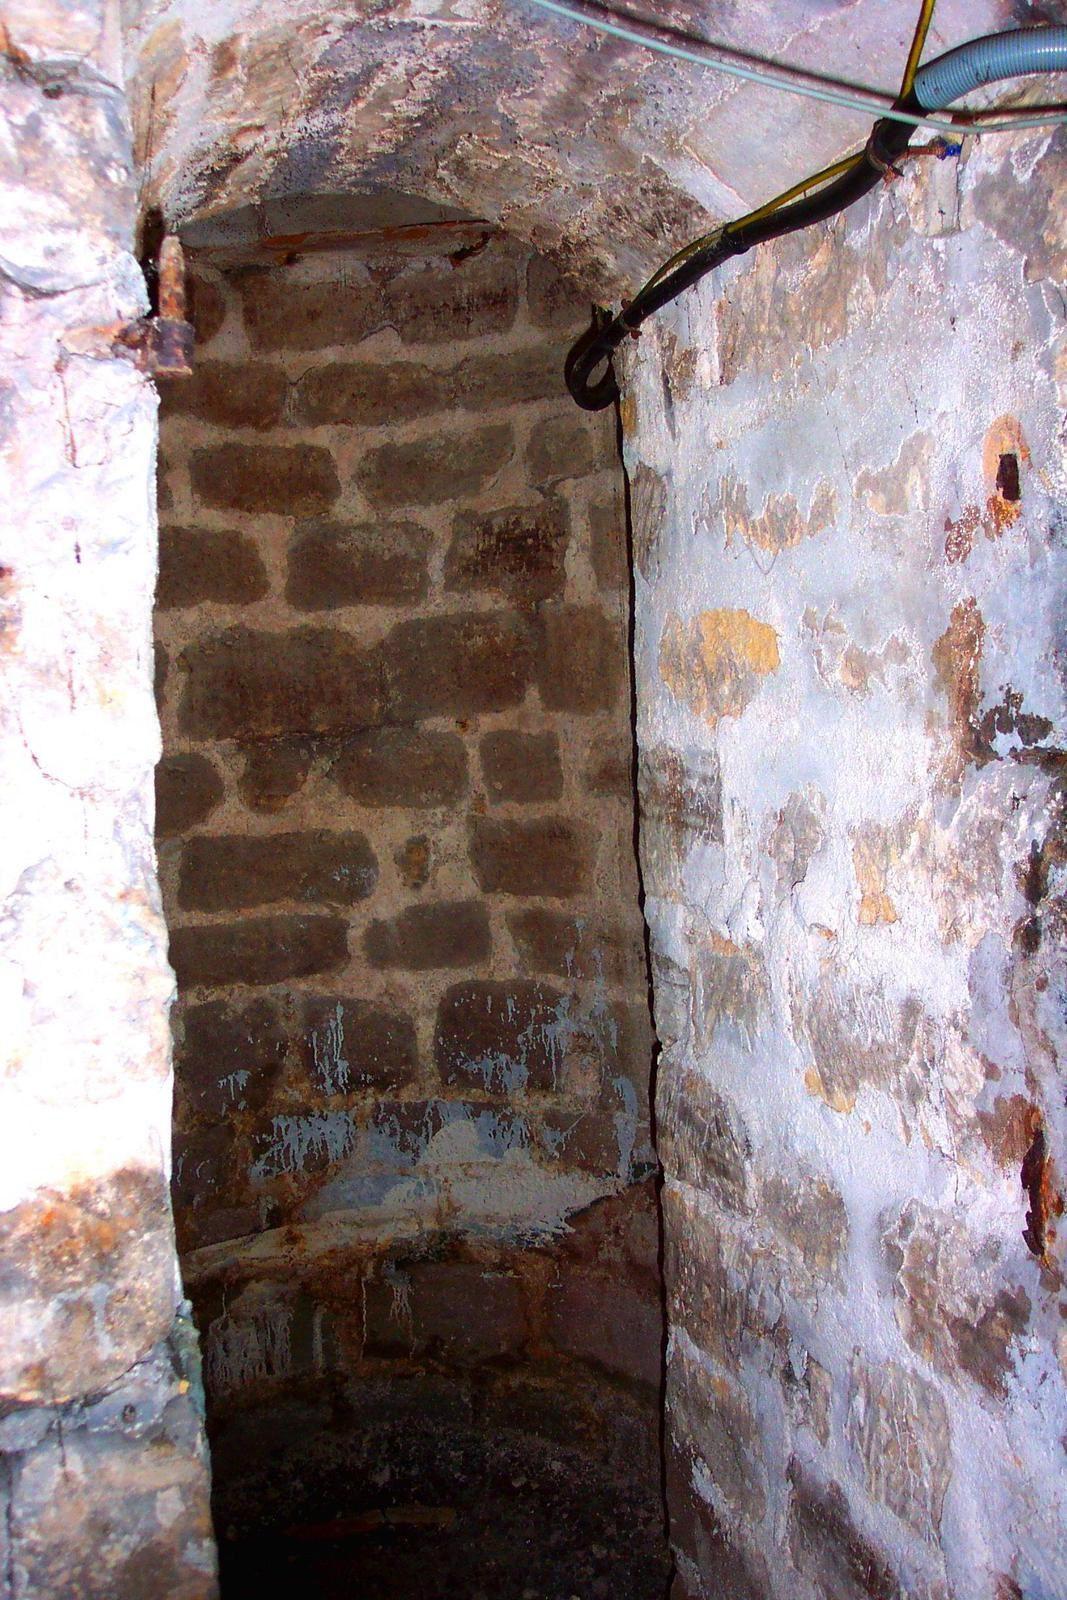 Photo du puits du 35 rue des Martyrs, envoyée par Jean-Pierre qui habite l'immeuble, ajoutée le 14 novembre 2014.